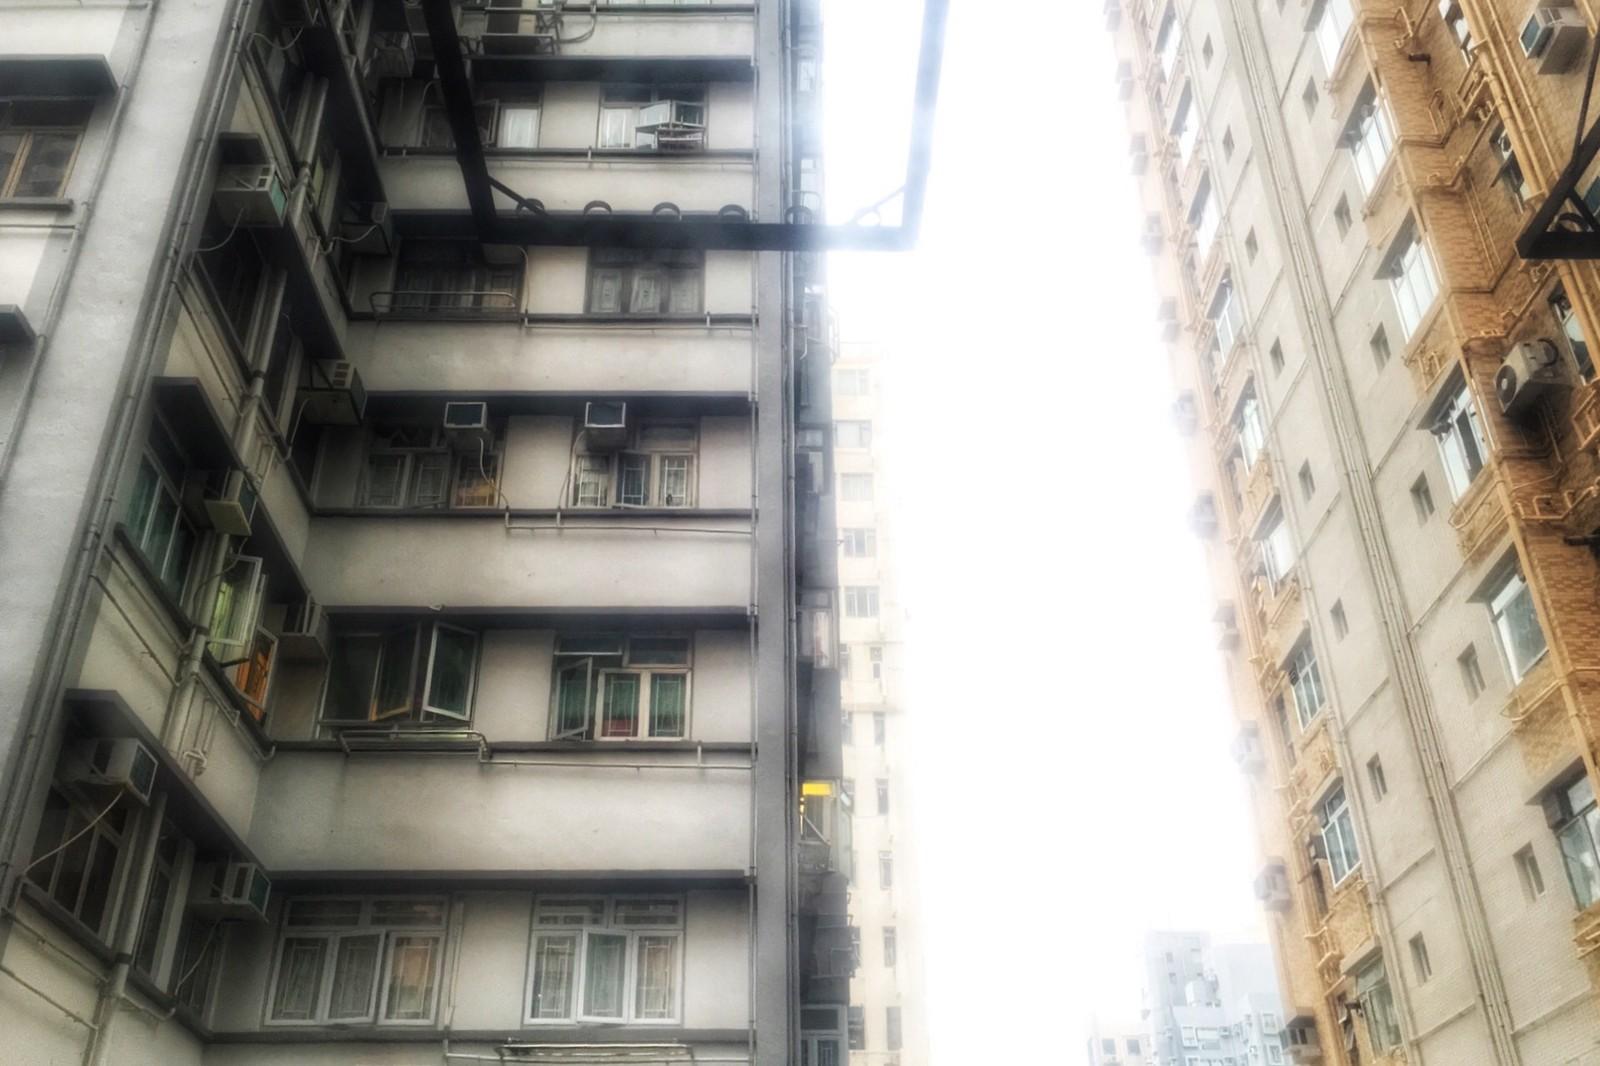 The view from my Airbnb window, Sai Ying Pun, Hong Kong